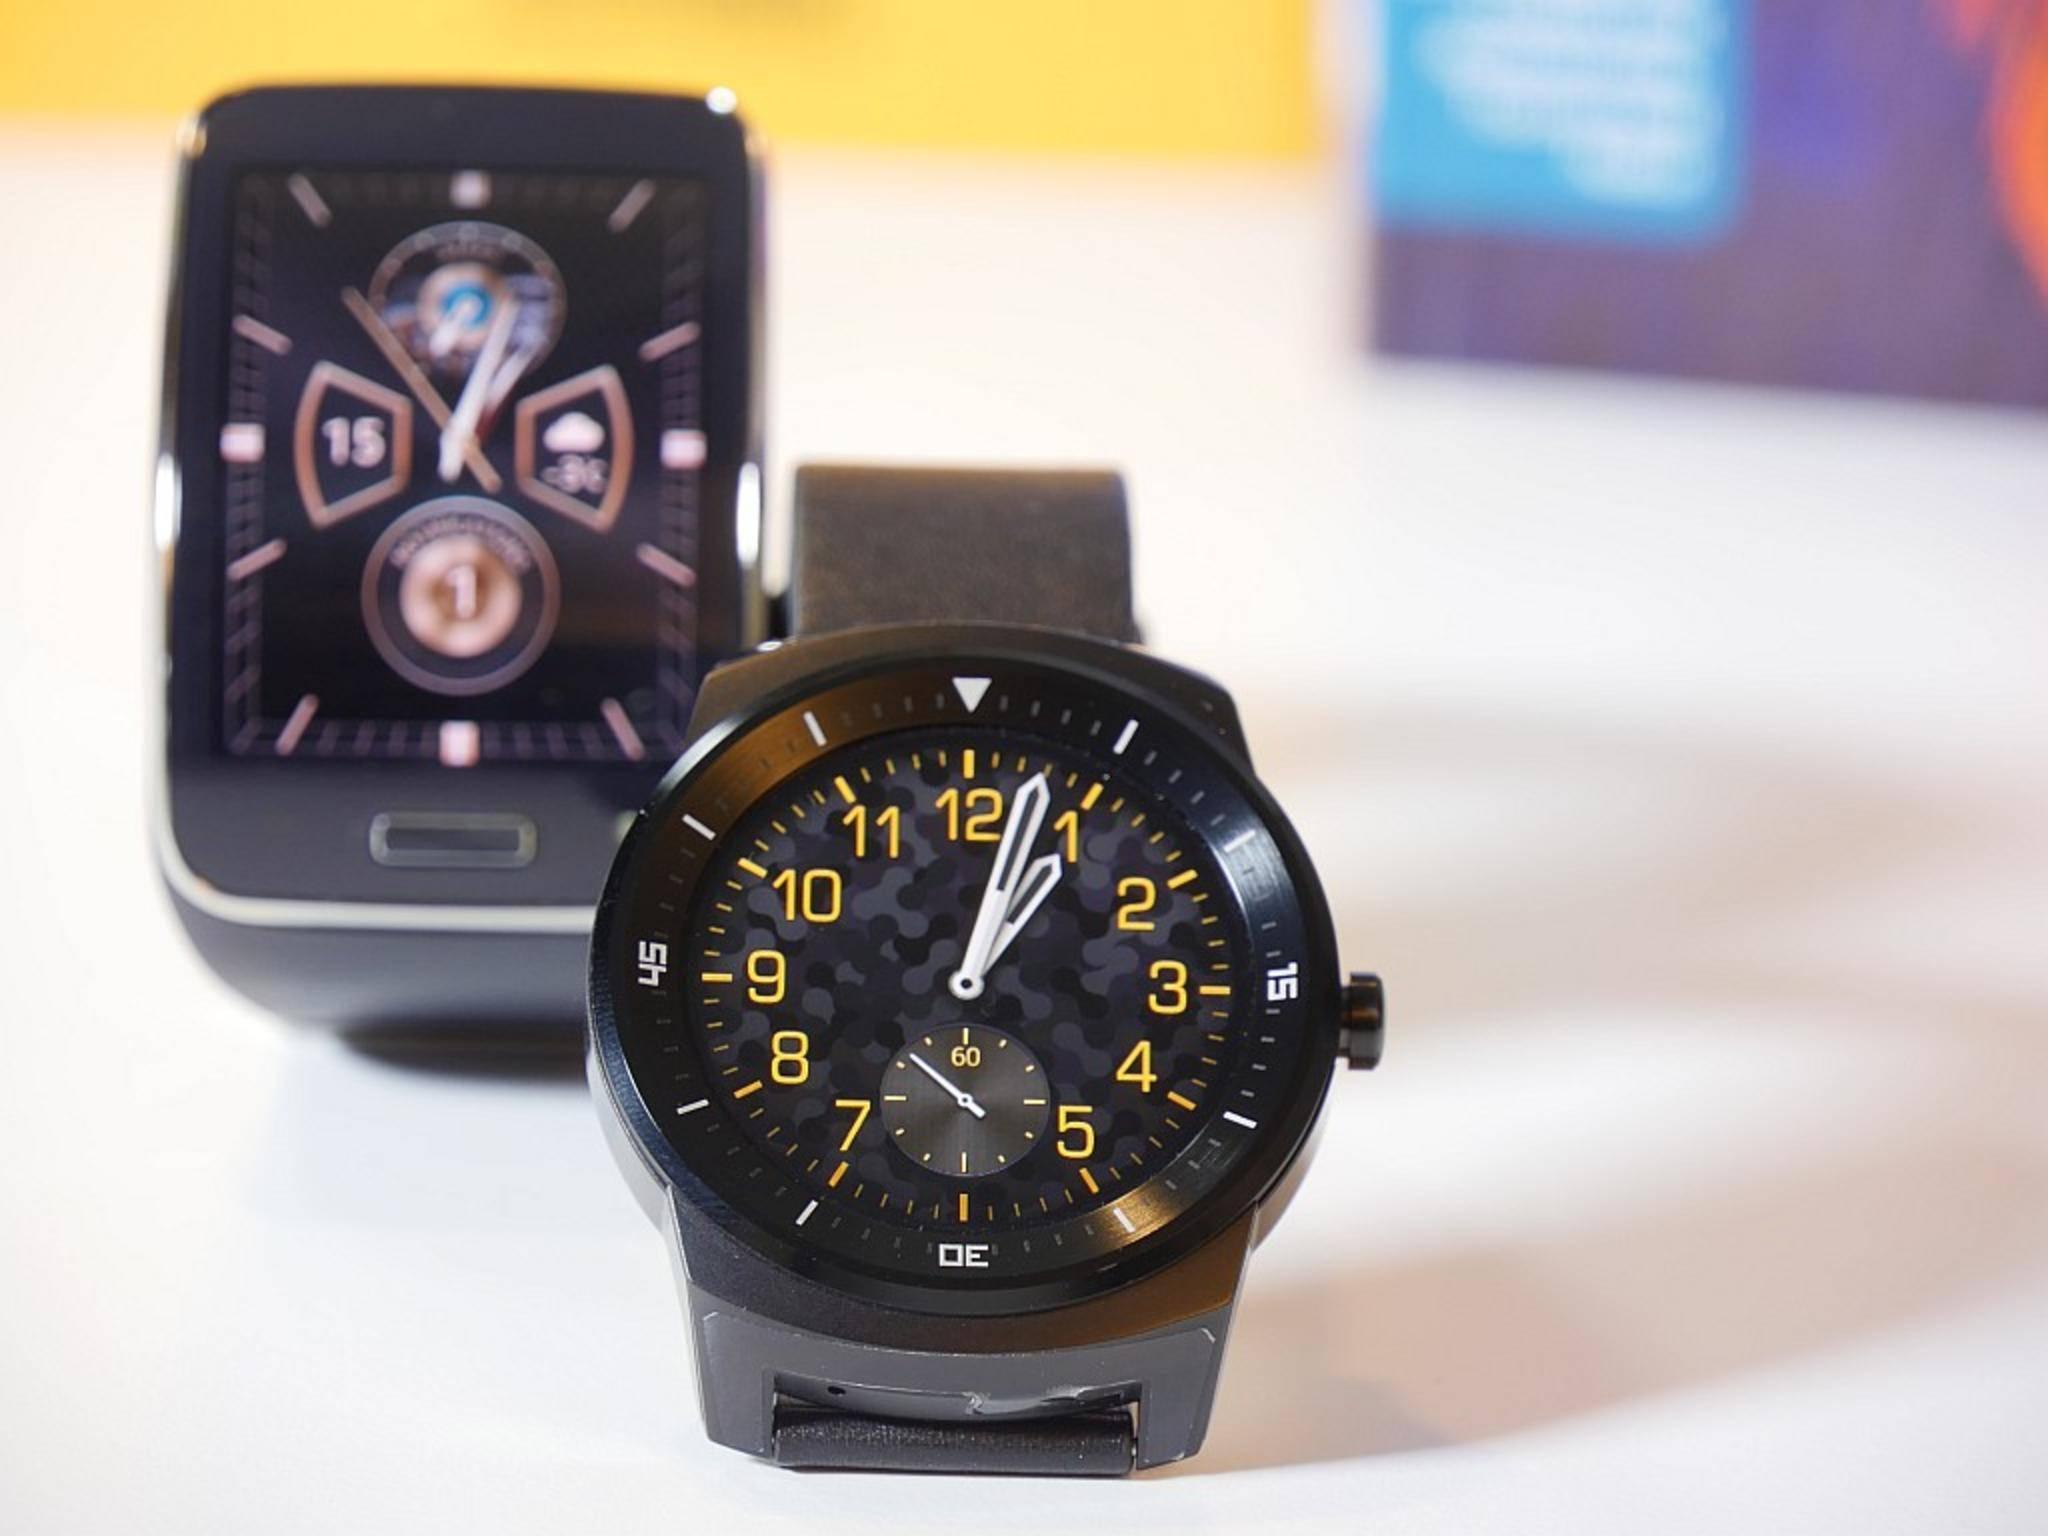 Damit Deine Smartwatch so schön sauber bleibt, musst Du sie regelmäßig reinigen.